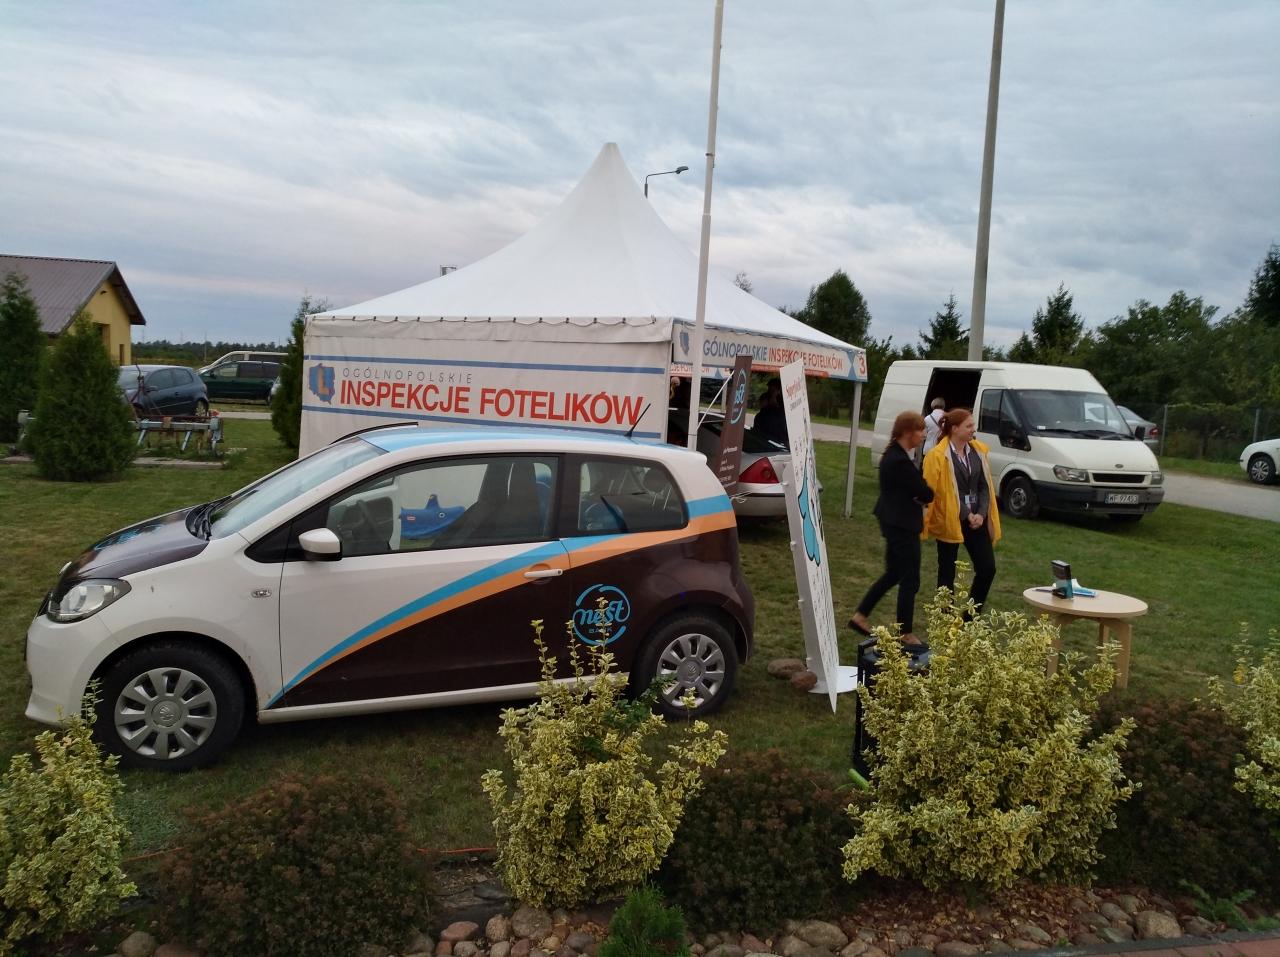 Samochód Nest Banku, naszego partnera w kampanii